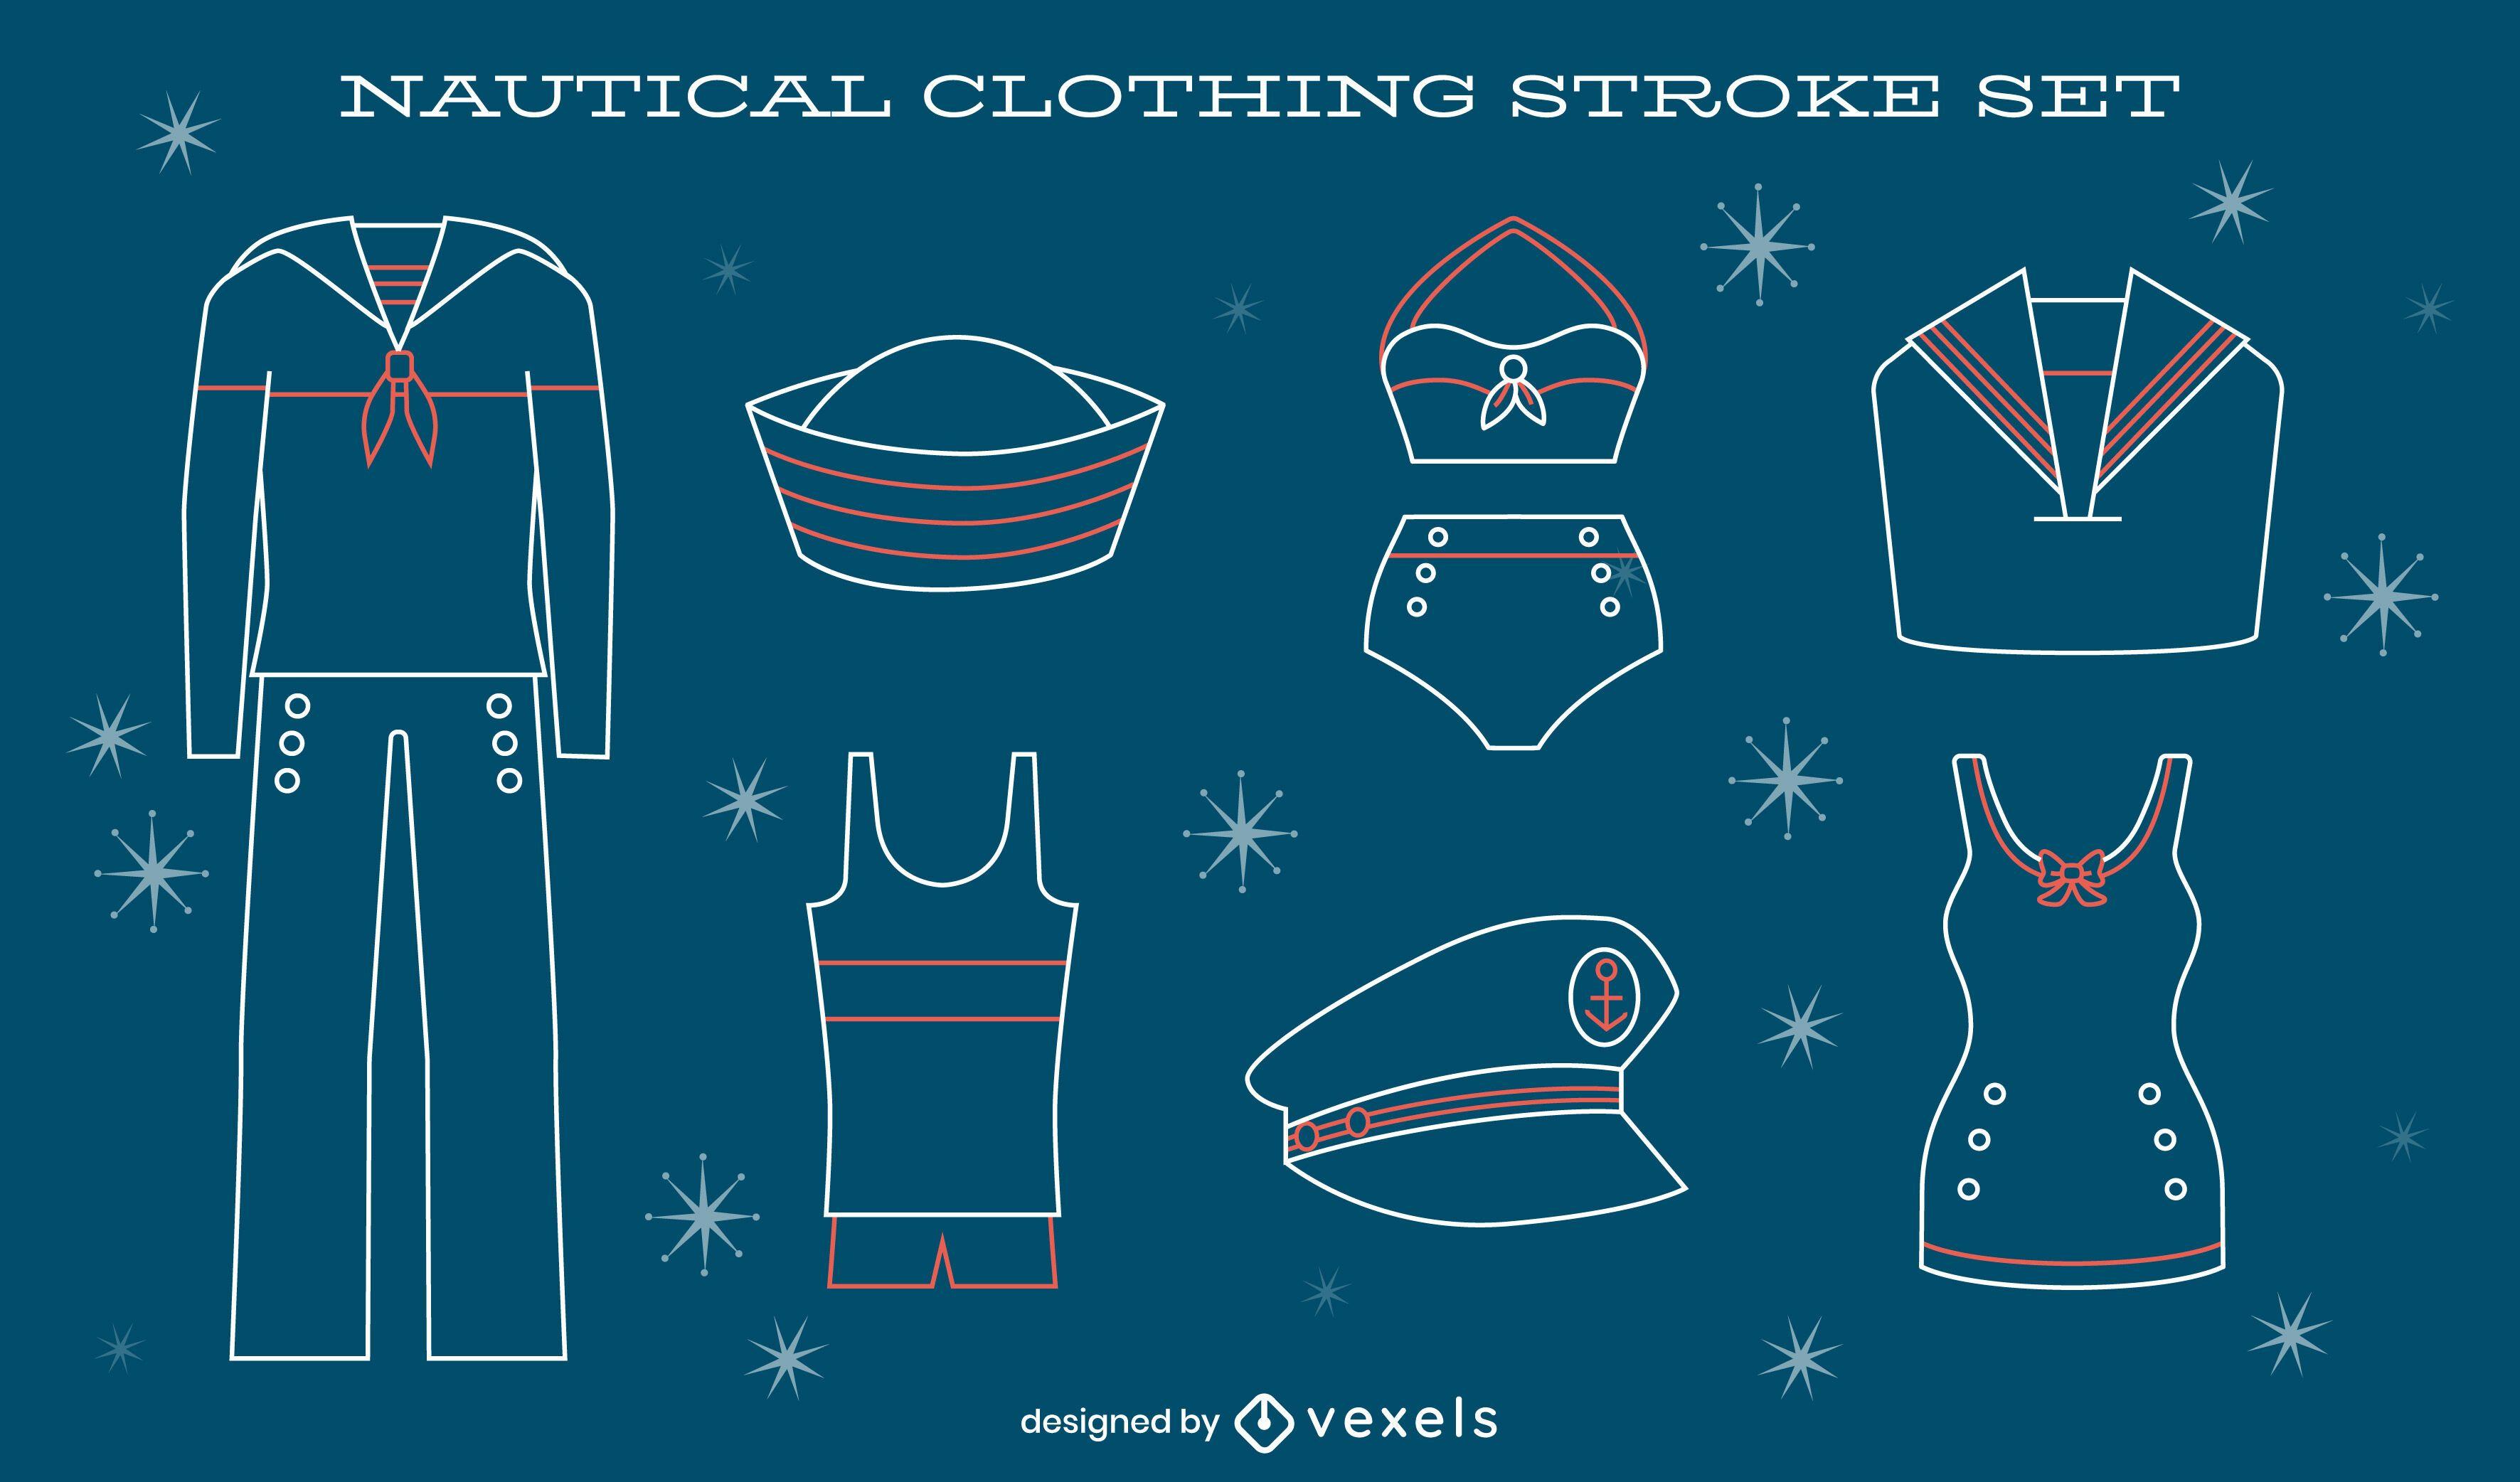 Nautical vintage sailor uniform line art set